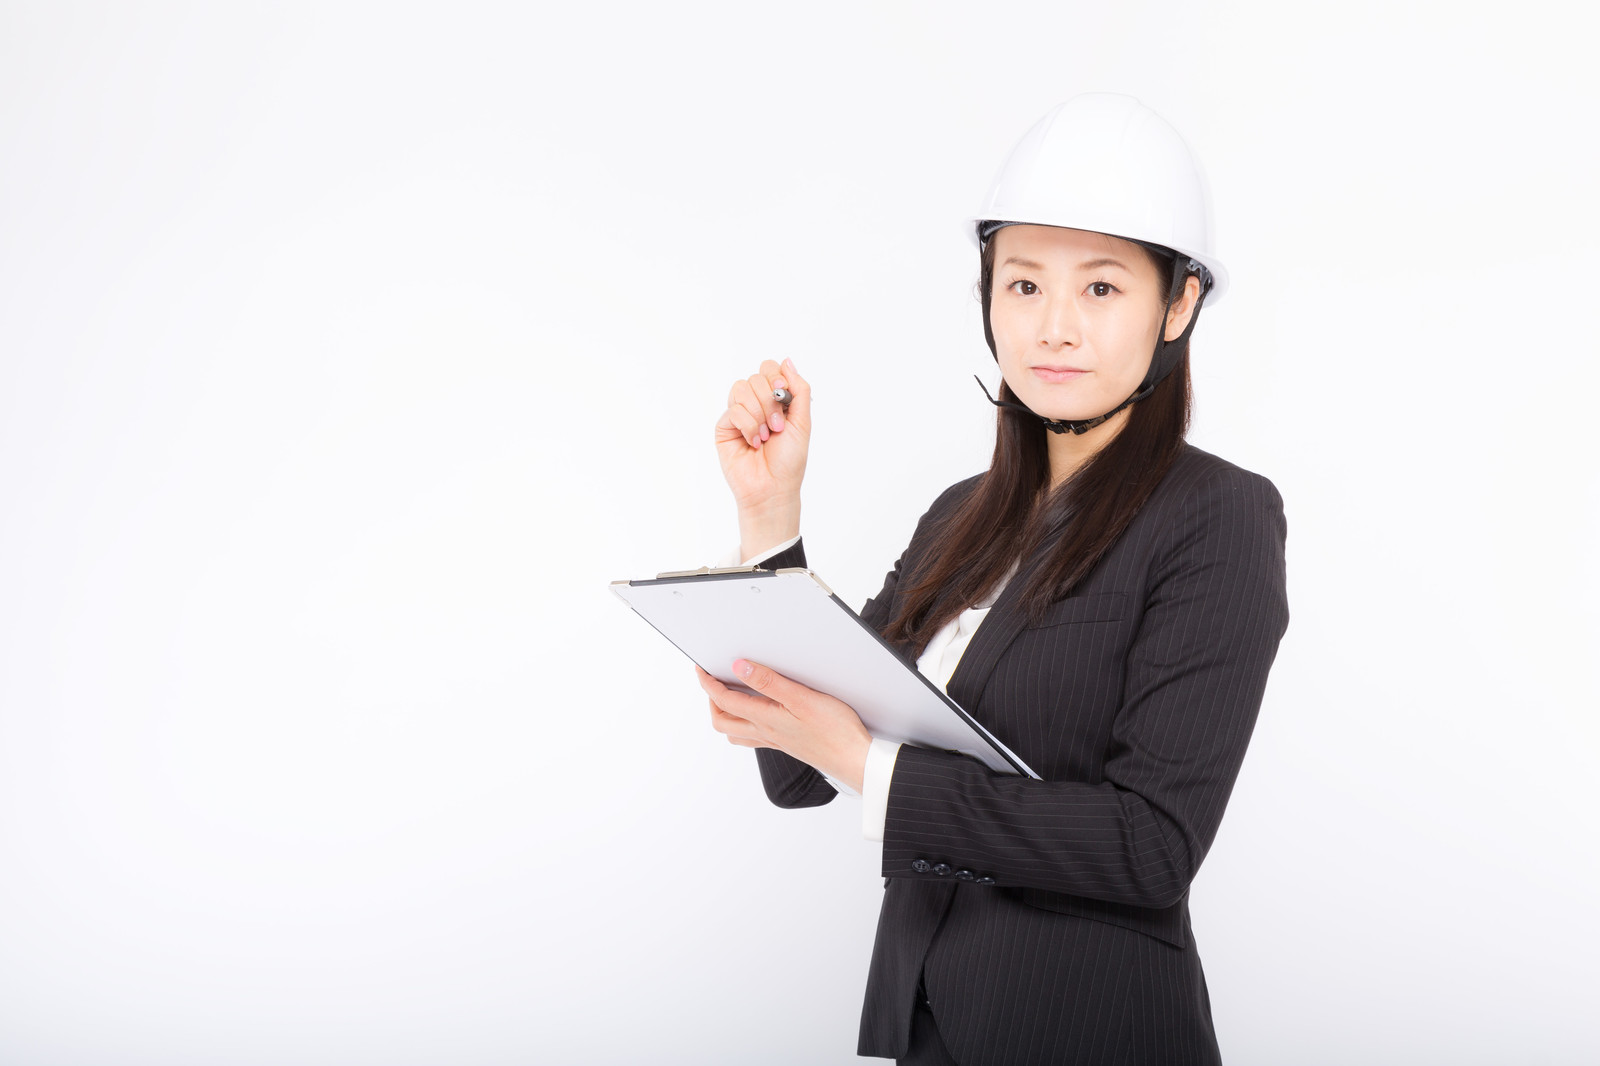 施工管理の女性